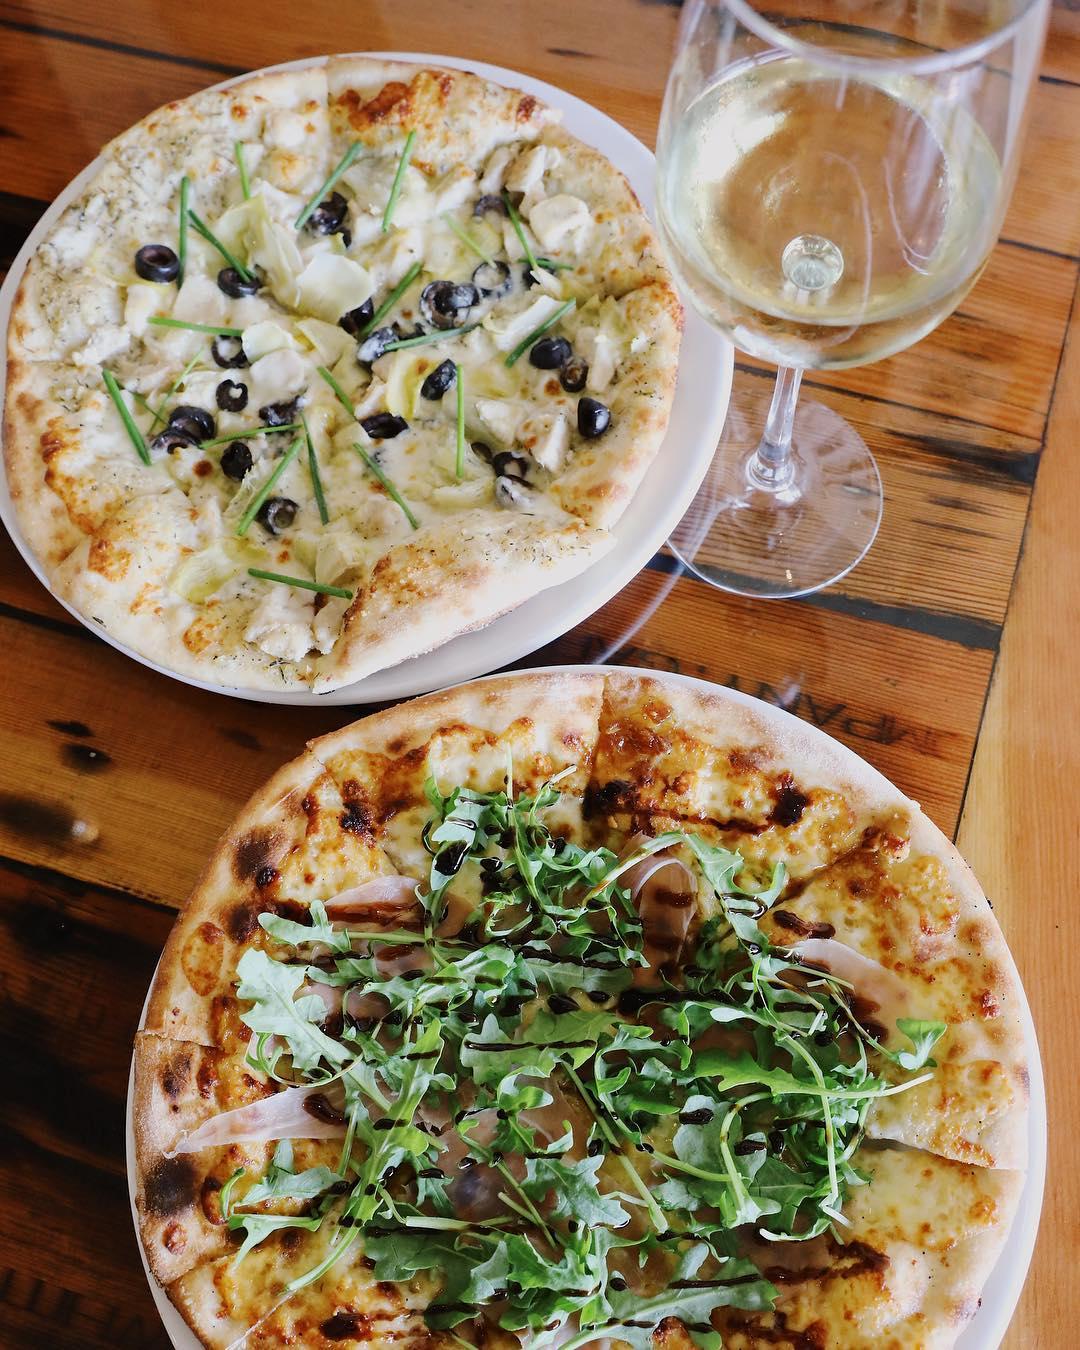 Pizzeria Bello Forno Pizzas - Pizza in Santa Maria Valley